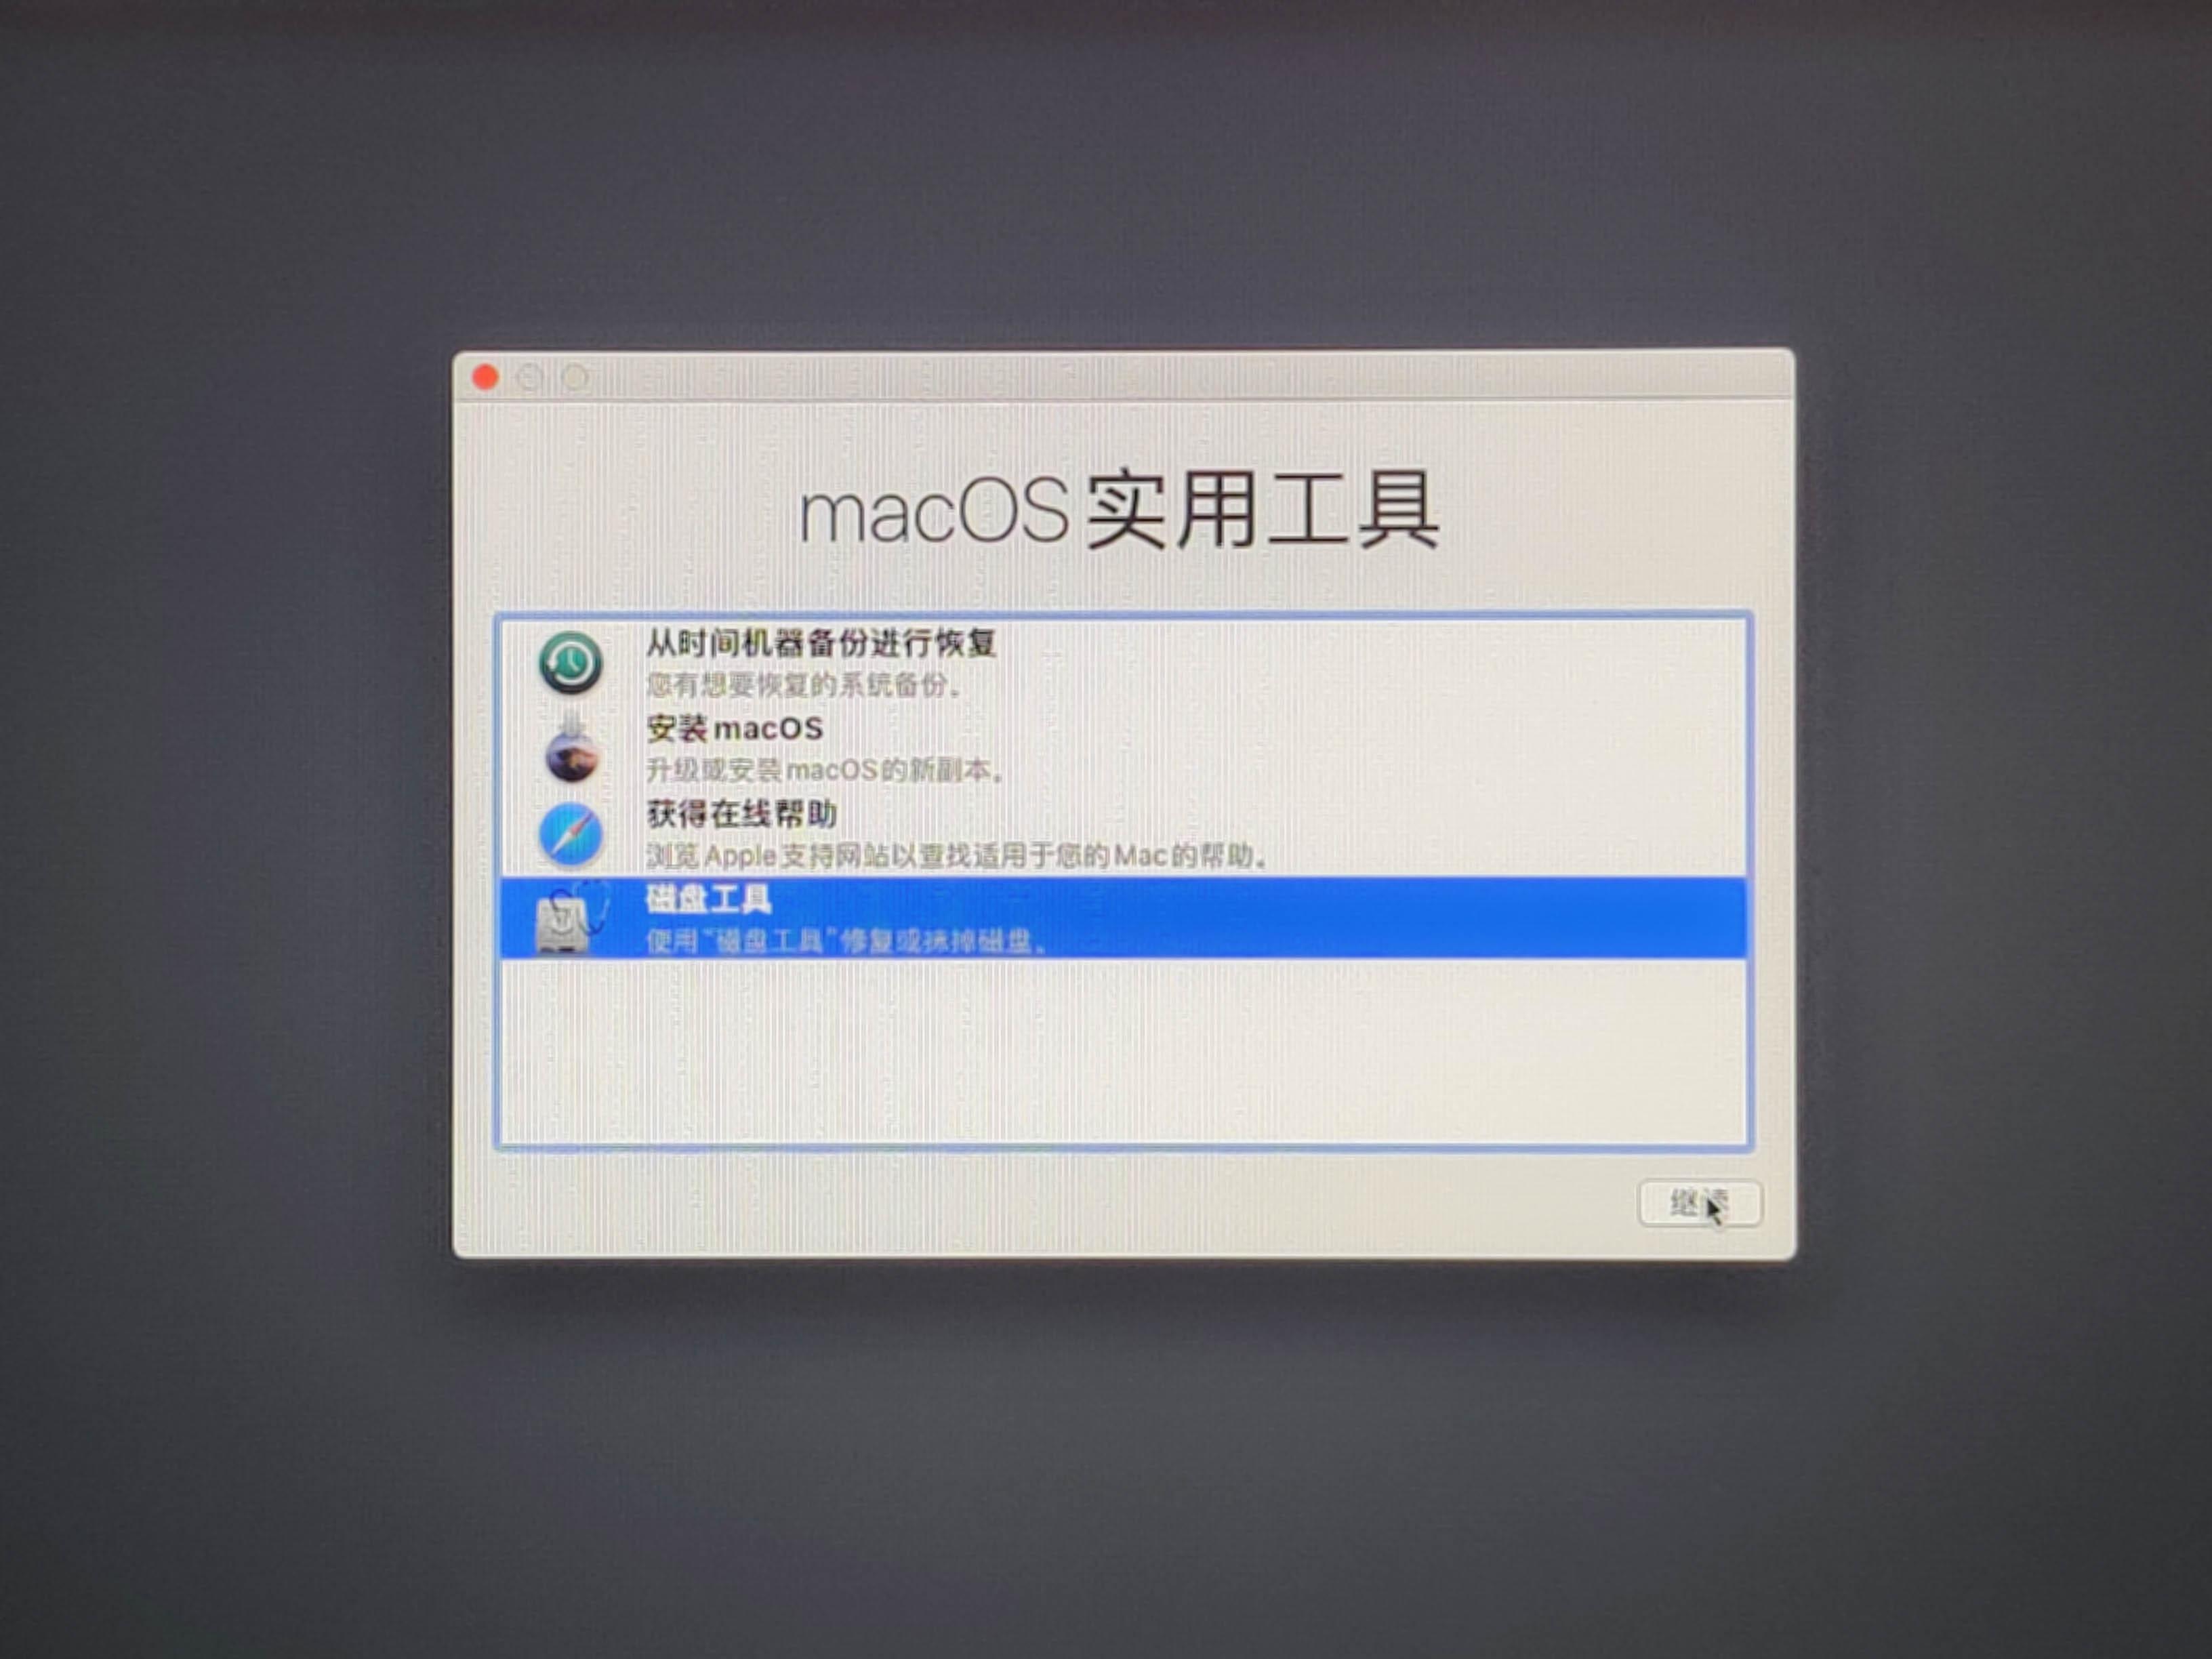 小米笔记本 Pro 如何安装 黑苹果 + Win10 双系统教程插图26